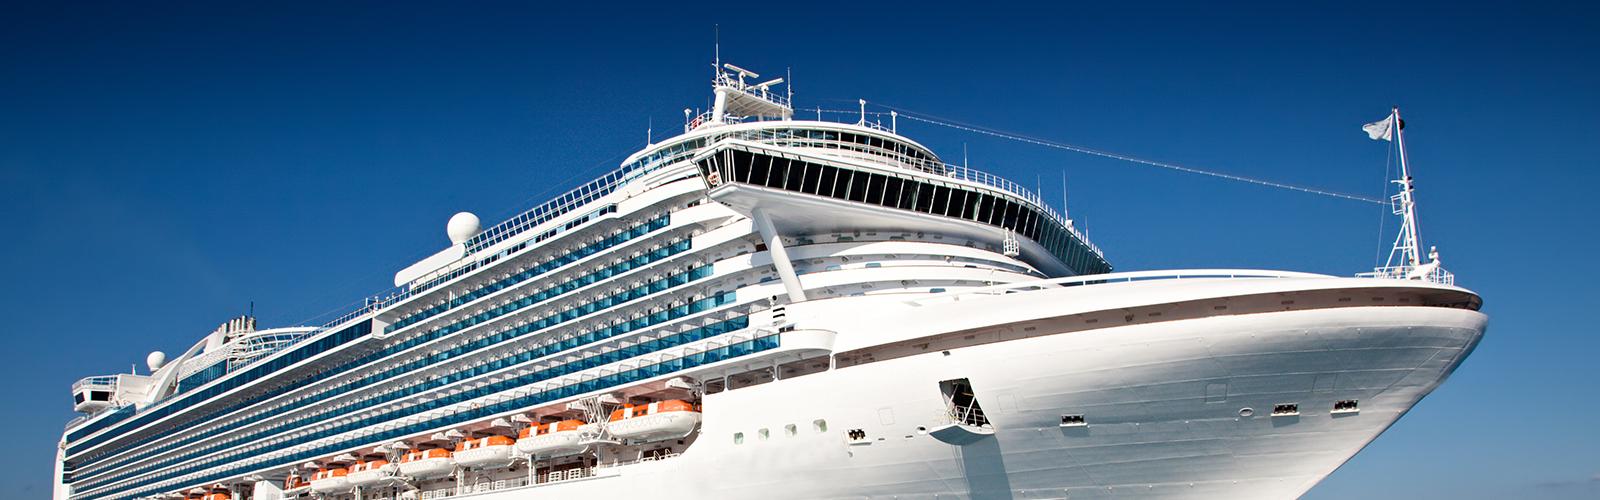 Cruiseship services | Croisière